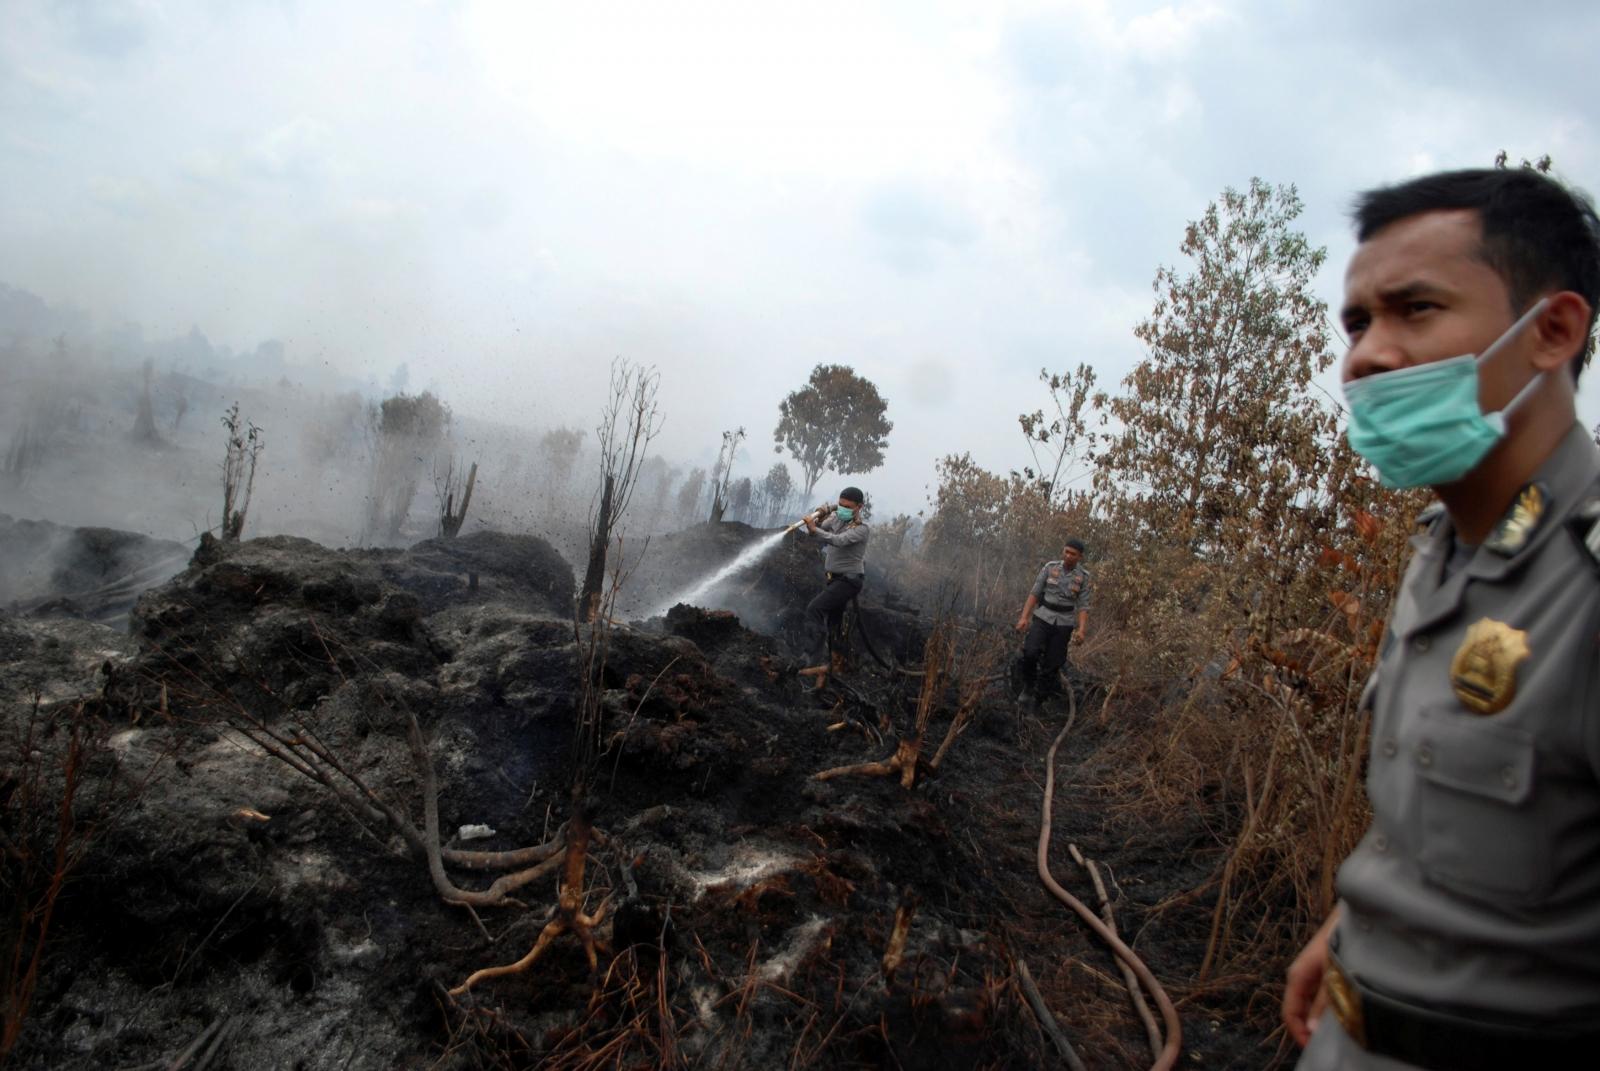 Indonesia haze